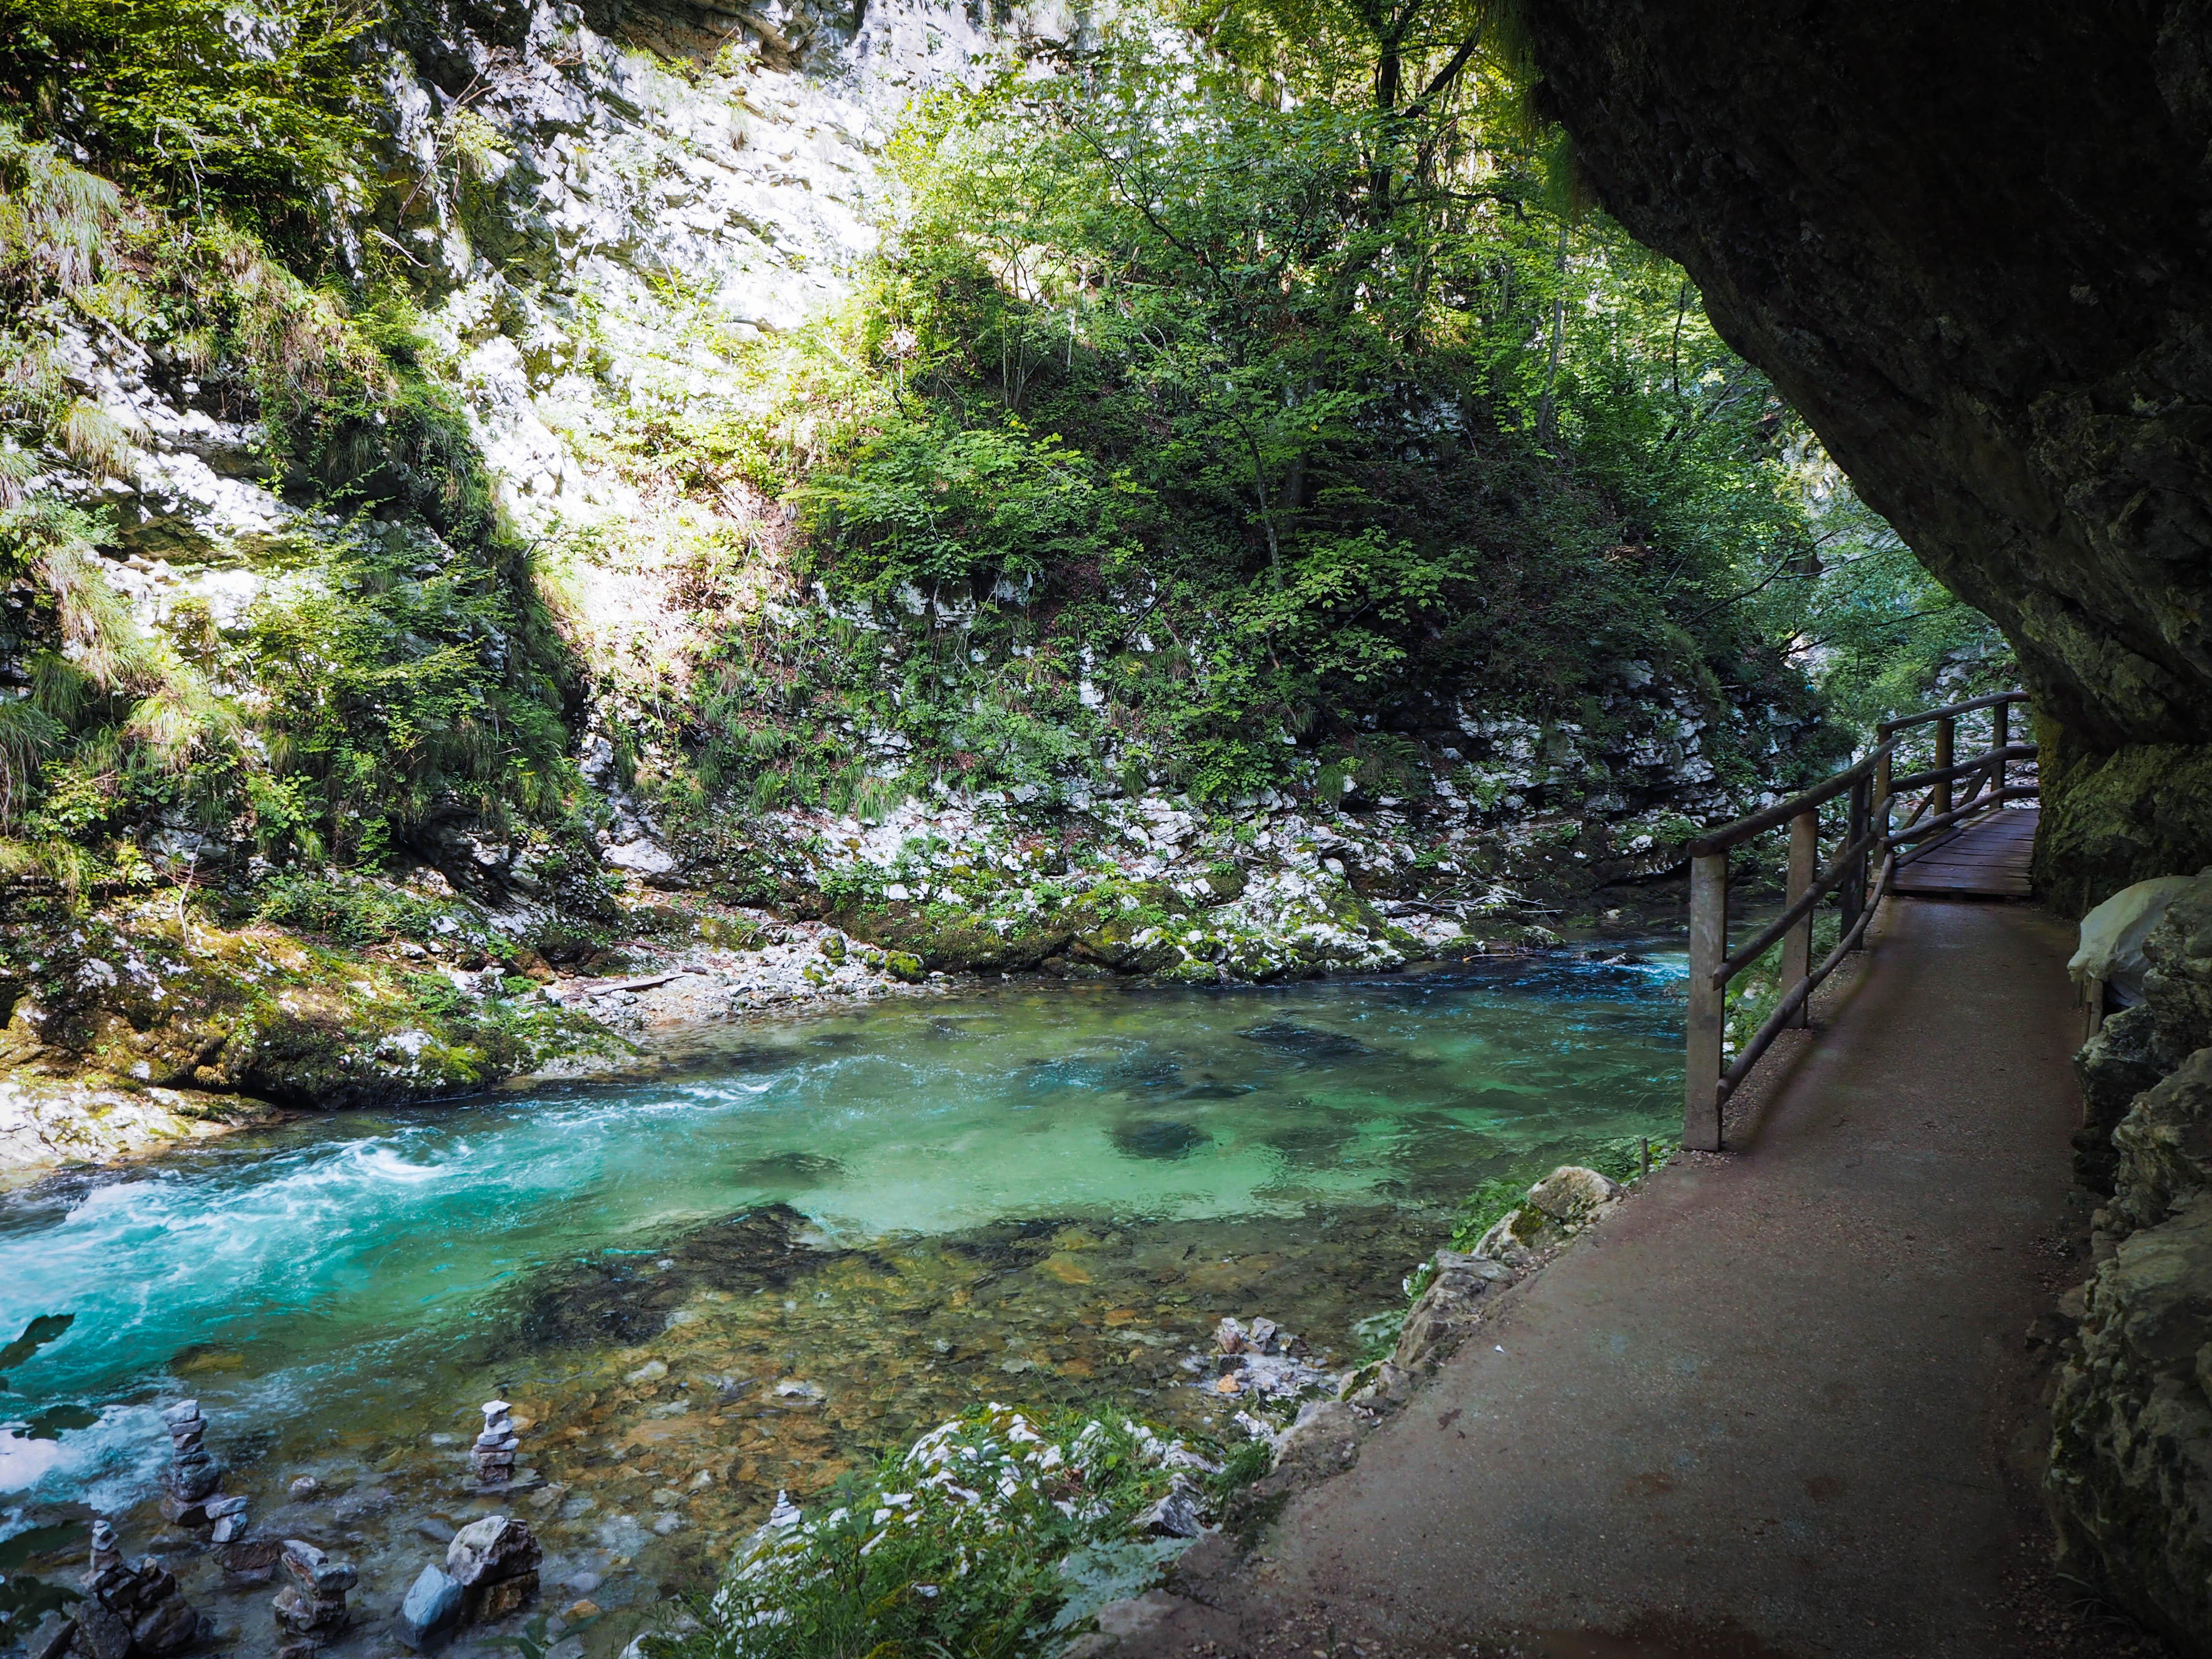 The Vintgar Gorge